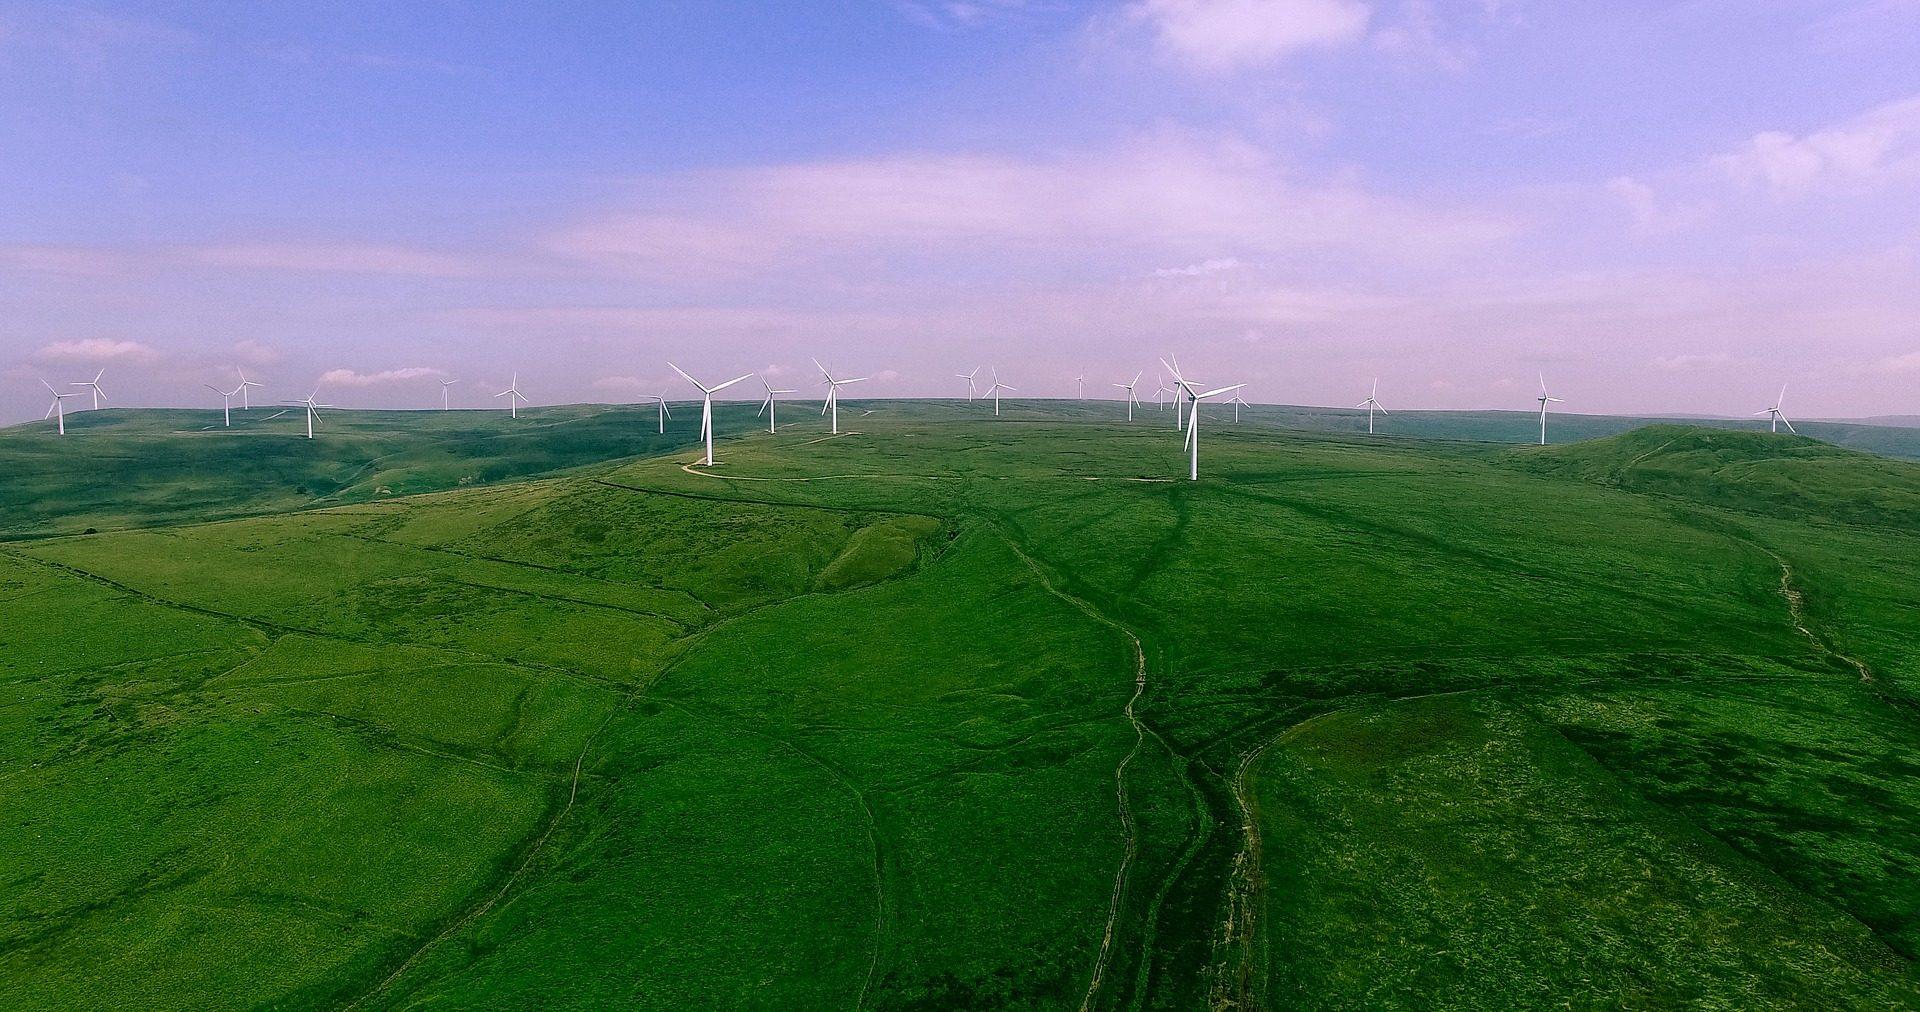 字段, 风电场, 螺旋桨, 米尔斯, 植被, 距离, 地平线 - 高清壁纸 - 教授-falken.com